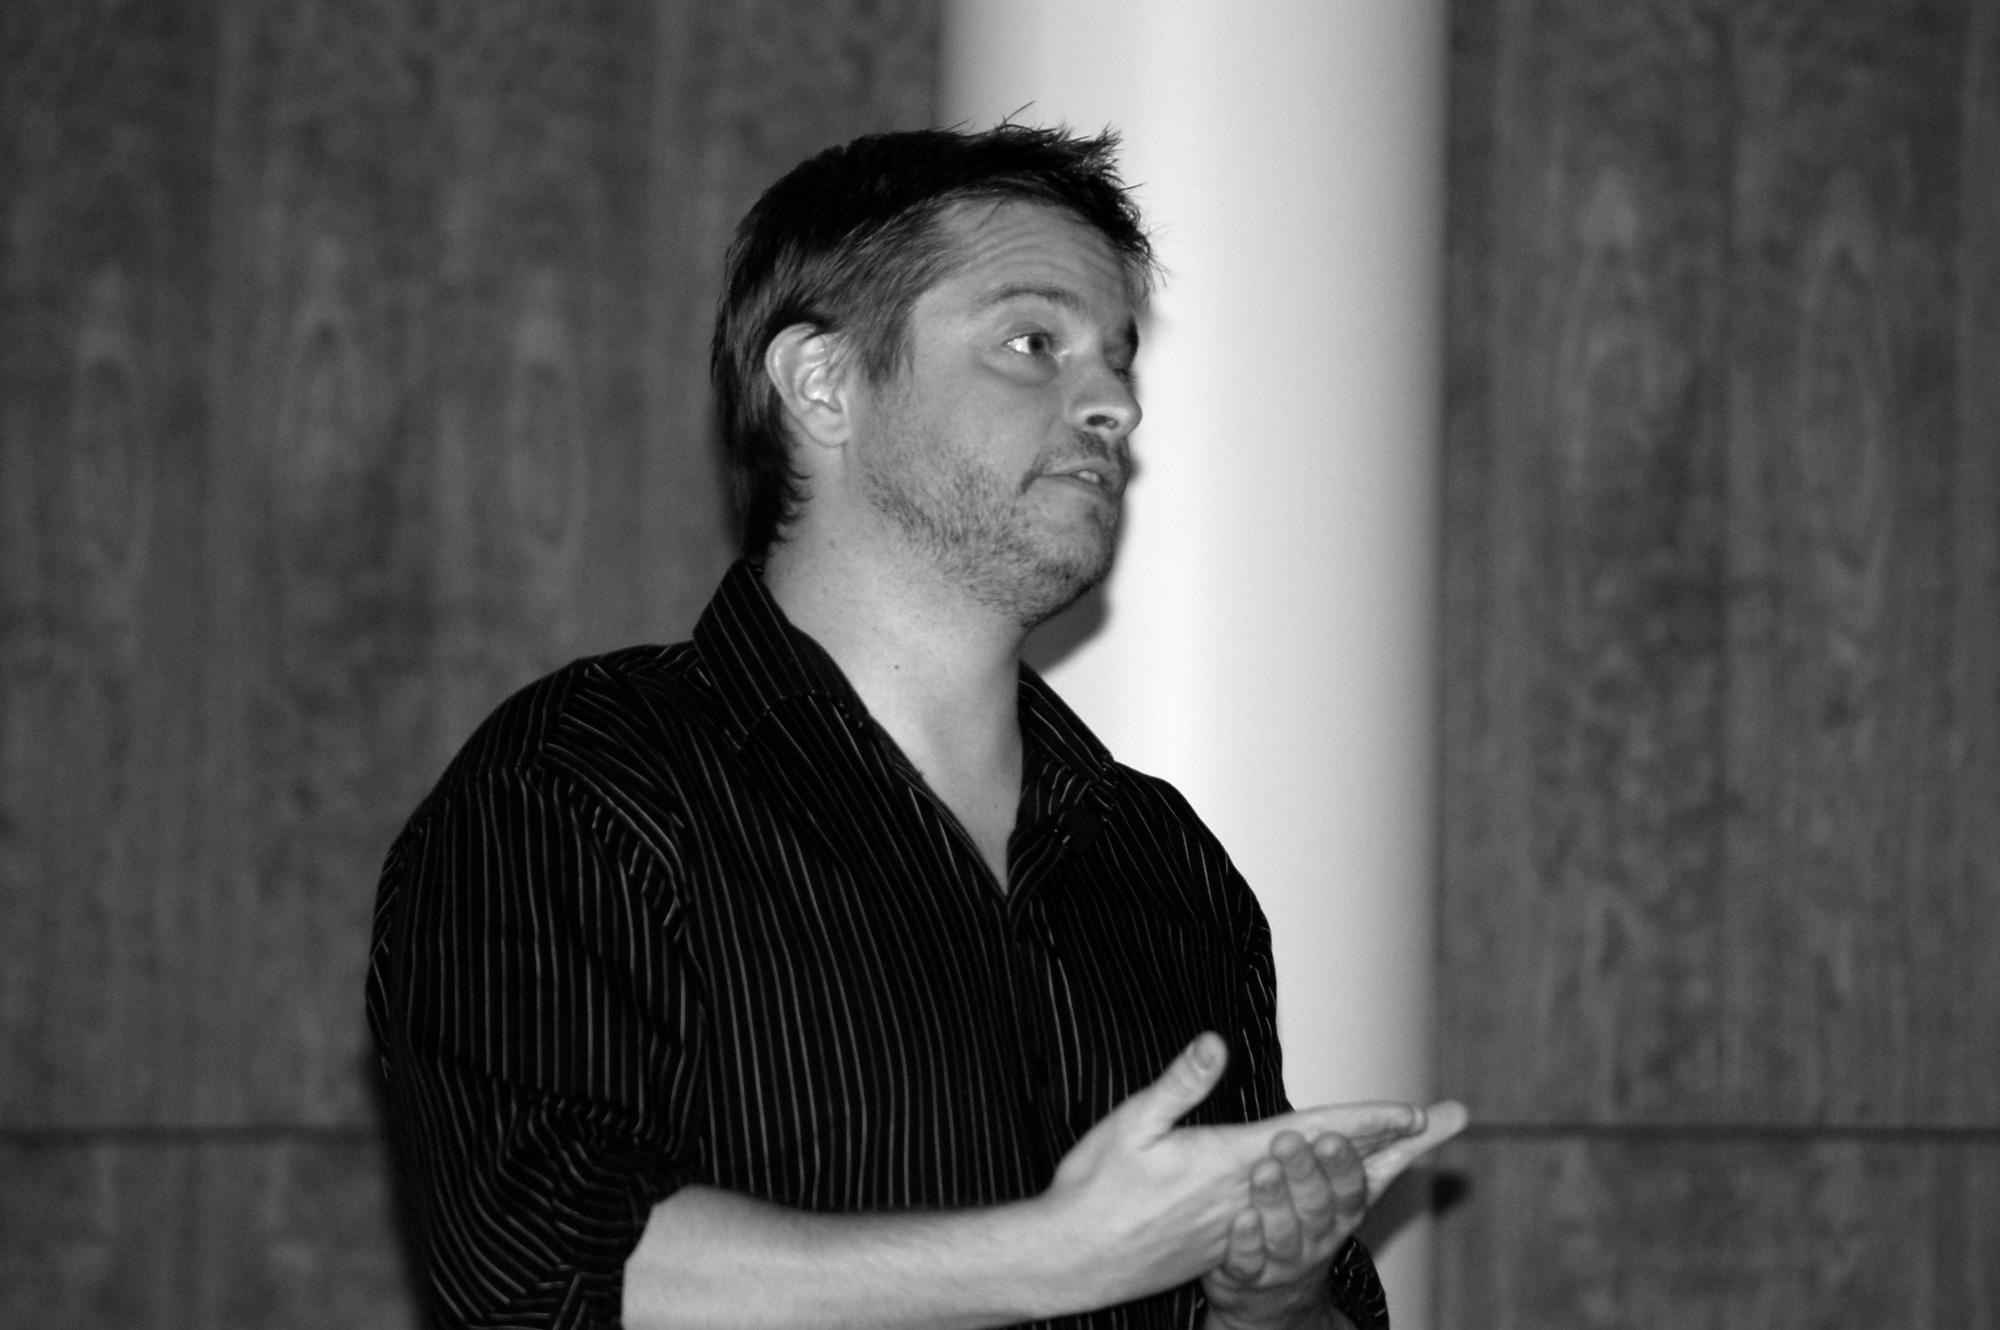 Jeff-Gardiner